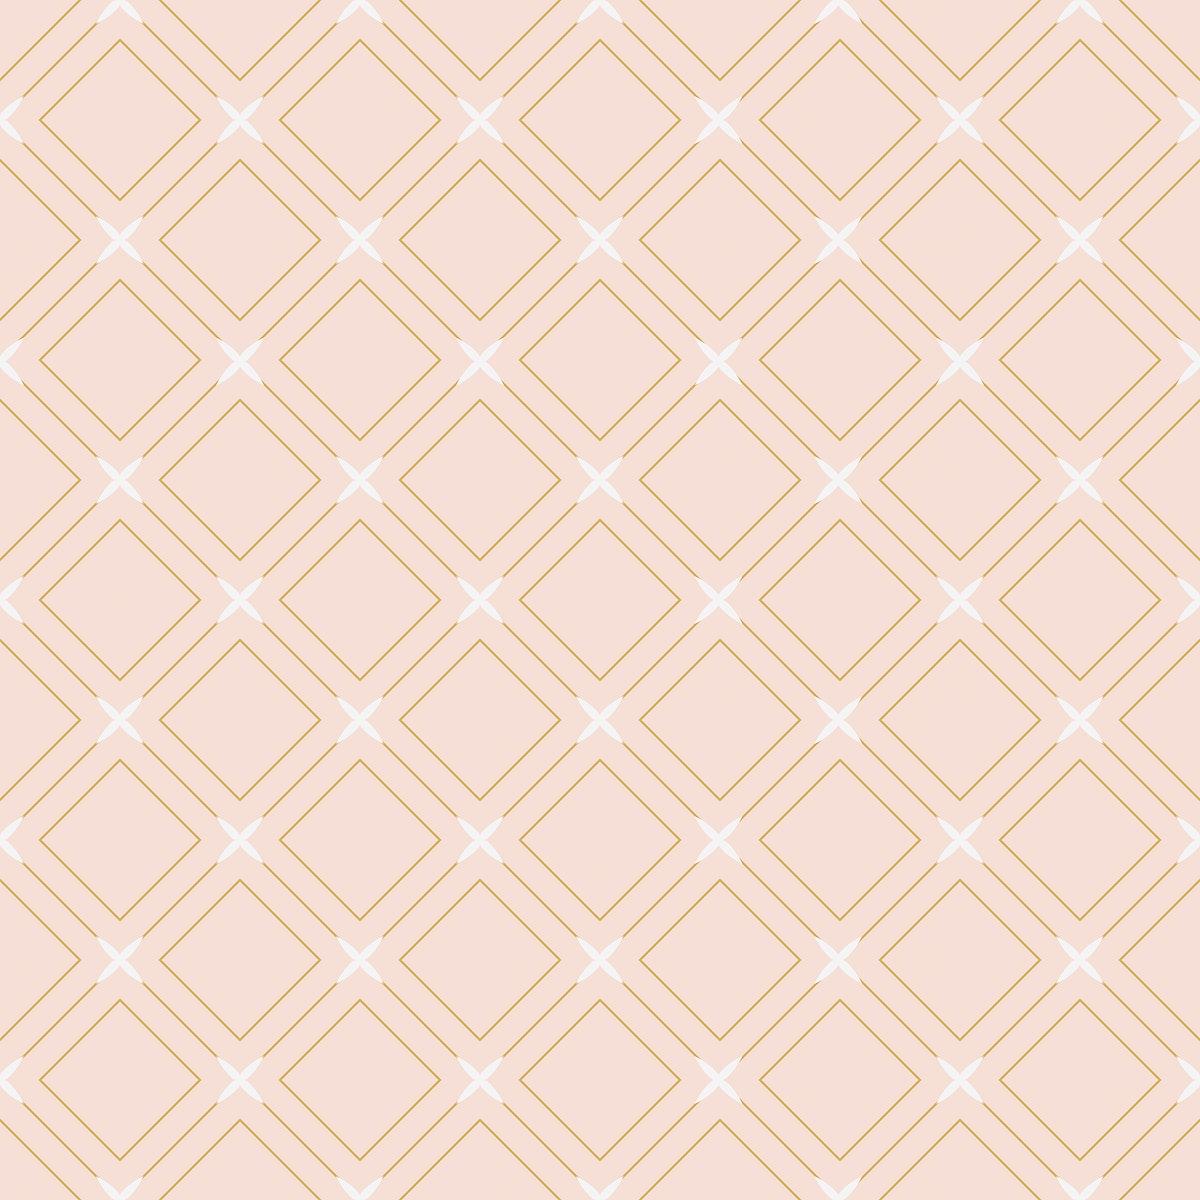 Seamless diamond pattern vector illustration